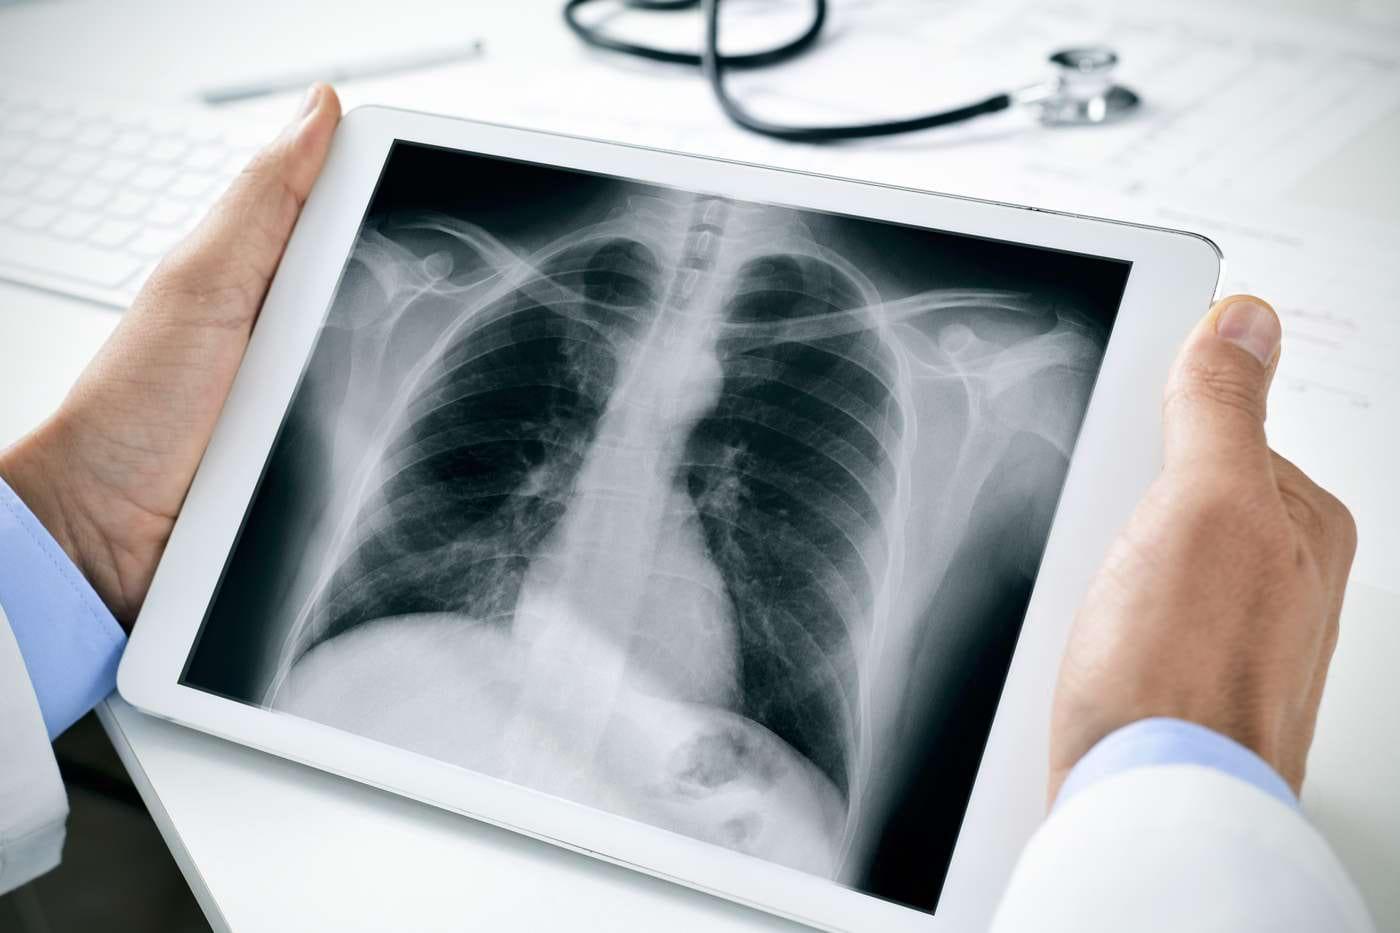 Leziunile pulmonare cauzate de țigările electronice seamănă cu arsurile chimice [studiu]